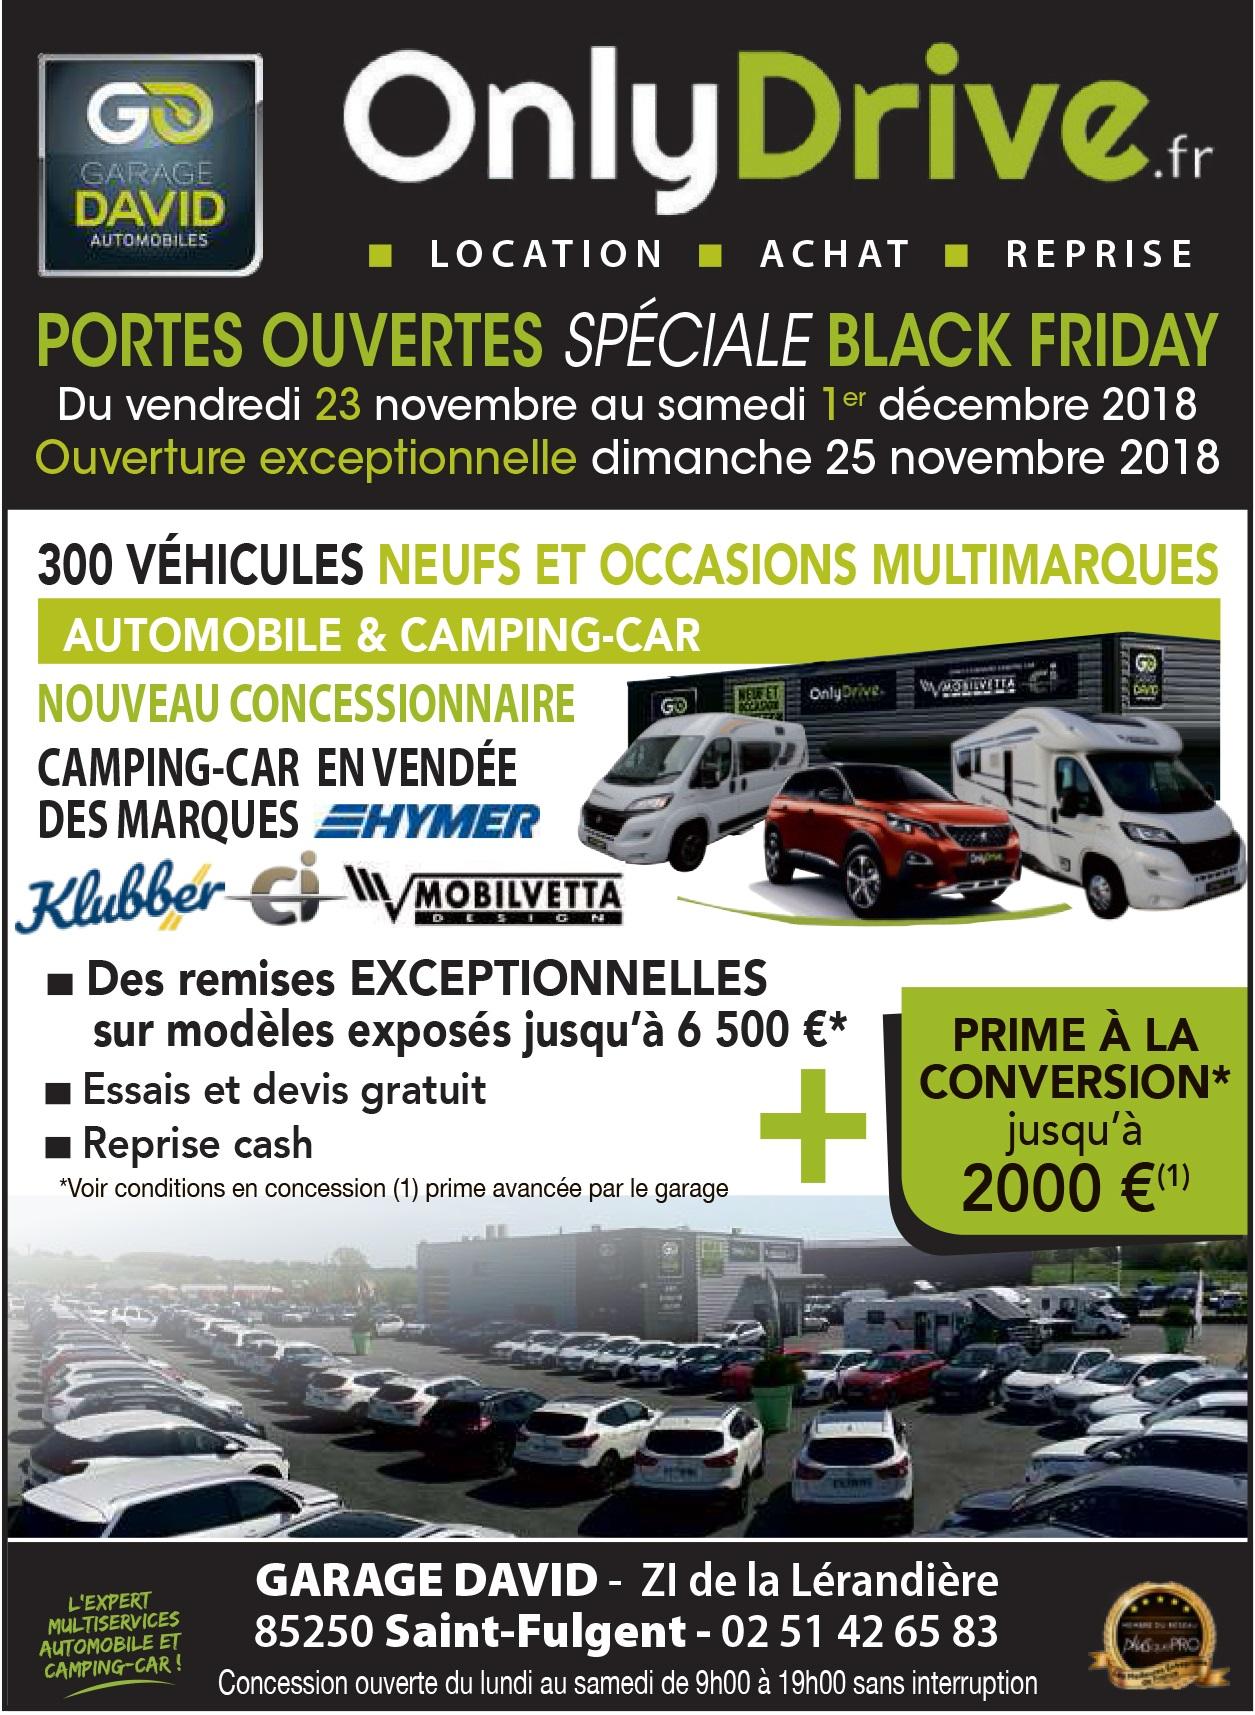 Portes Ouvertes Black Friday du vendredi 23 novembre au samedi 1 décembre 2018 avec une ouverture exceptionnelle dimanche 25 novembre au Garage David à Saint Fulgent en Vendée